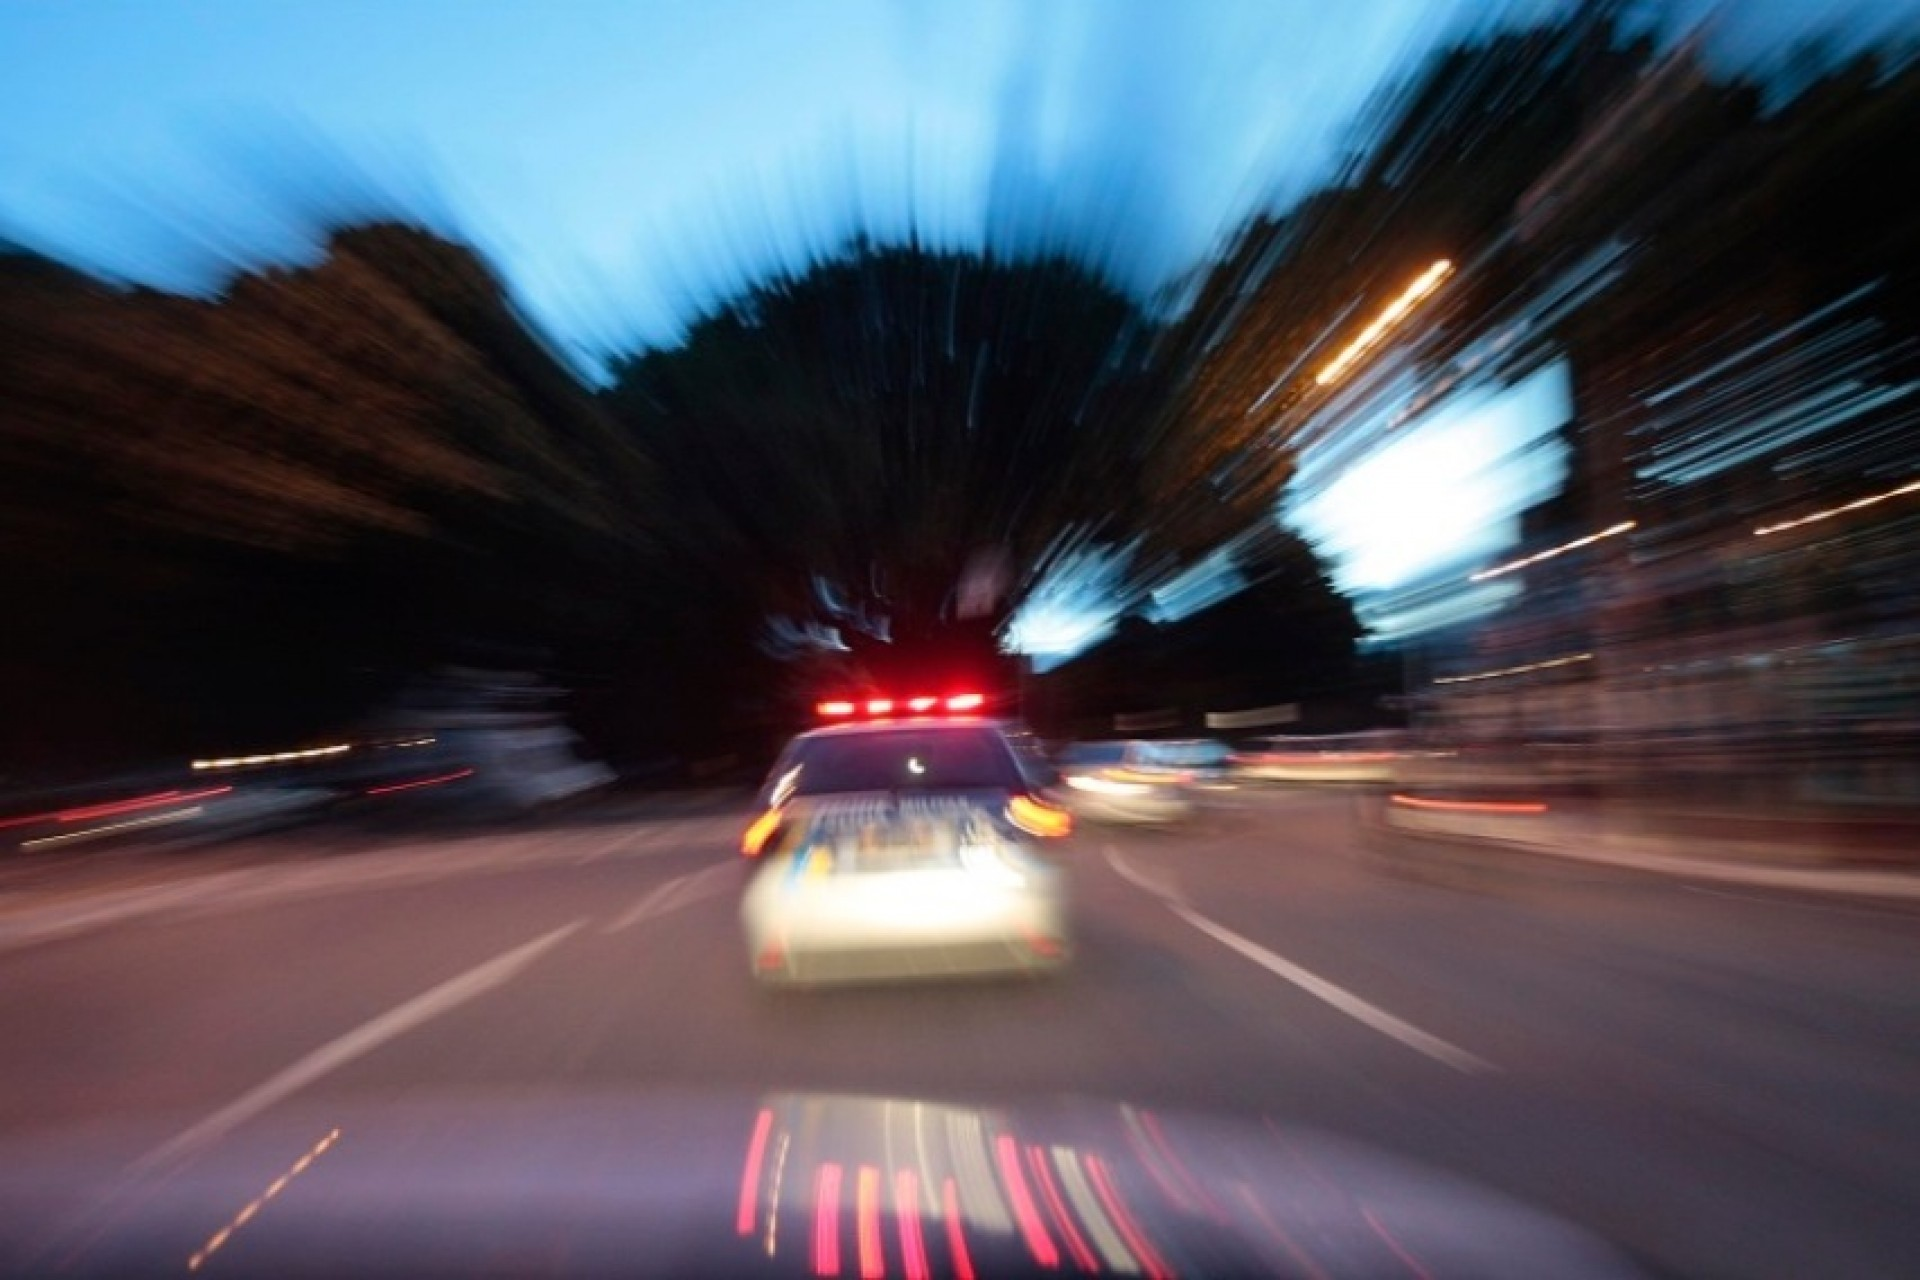 Medianeira: Homem é abordado pela PM após seguir mulher em veículo